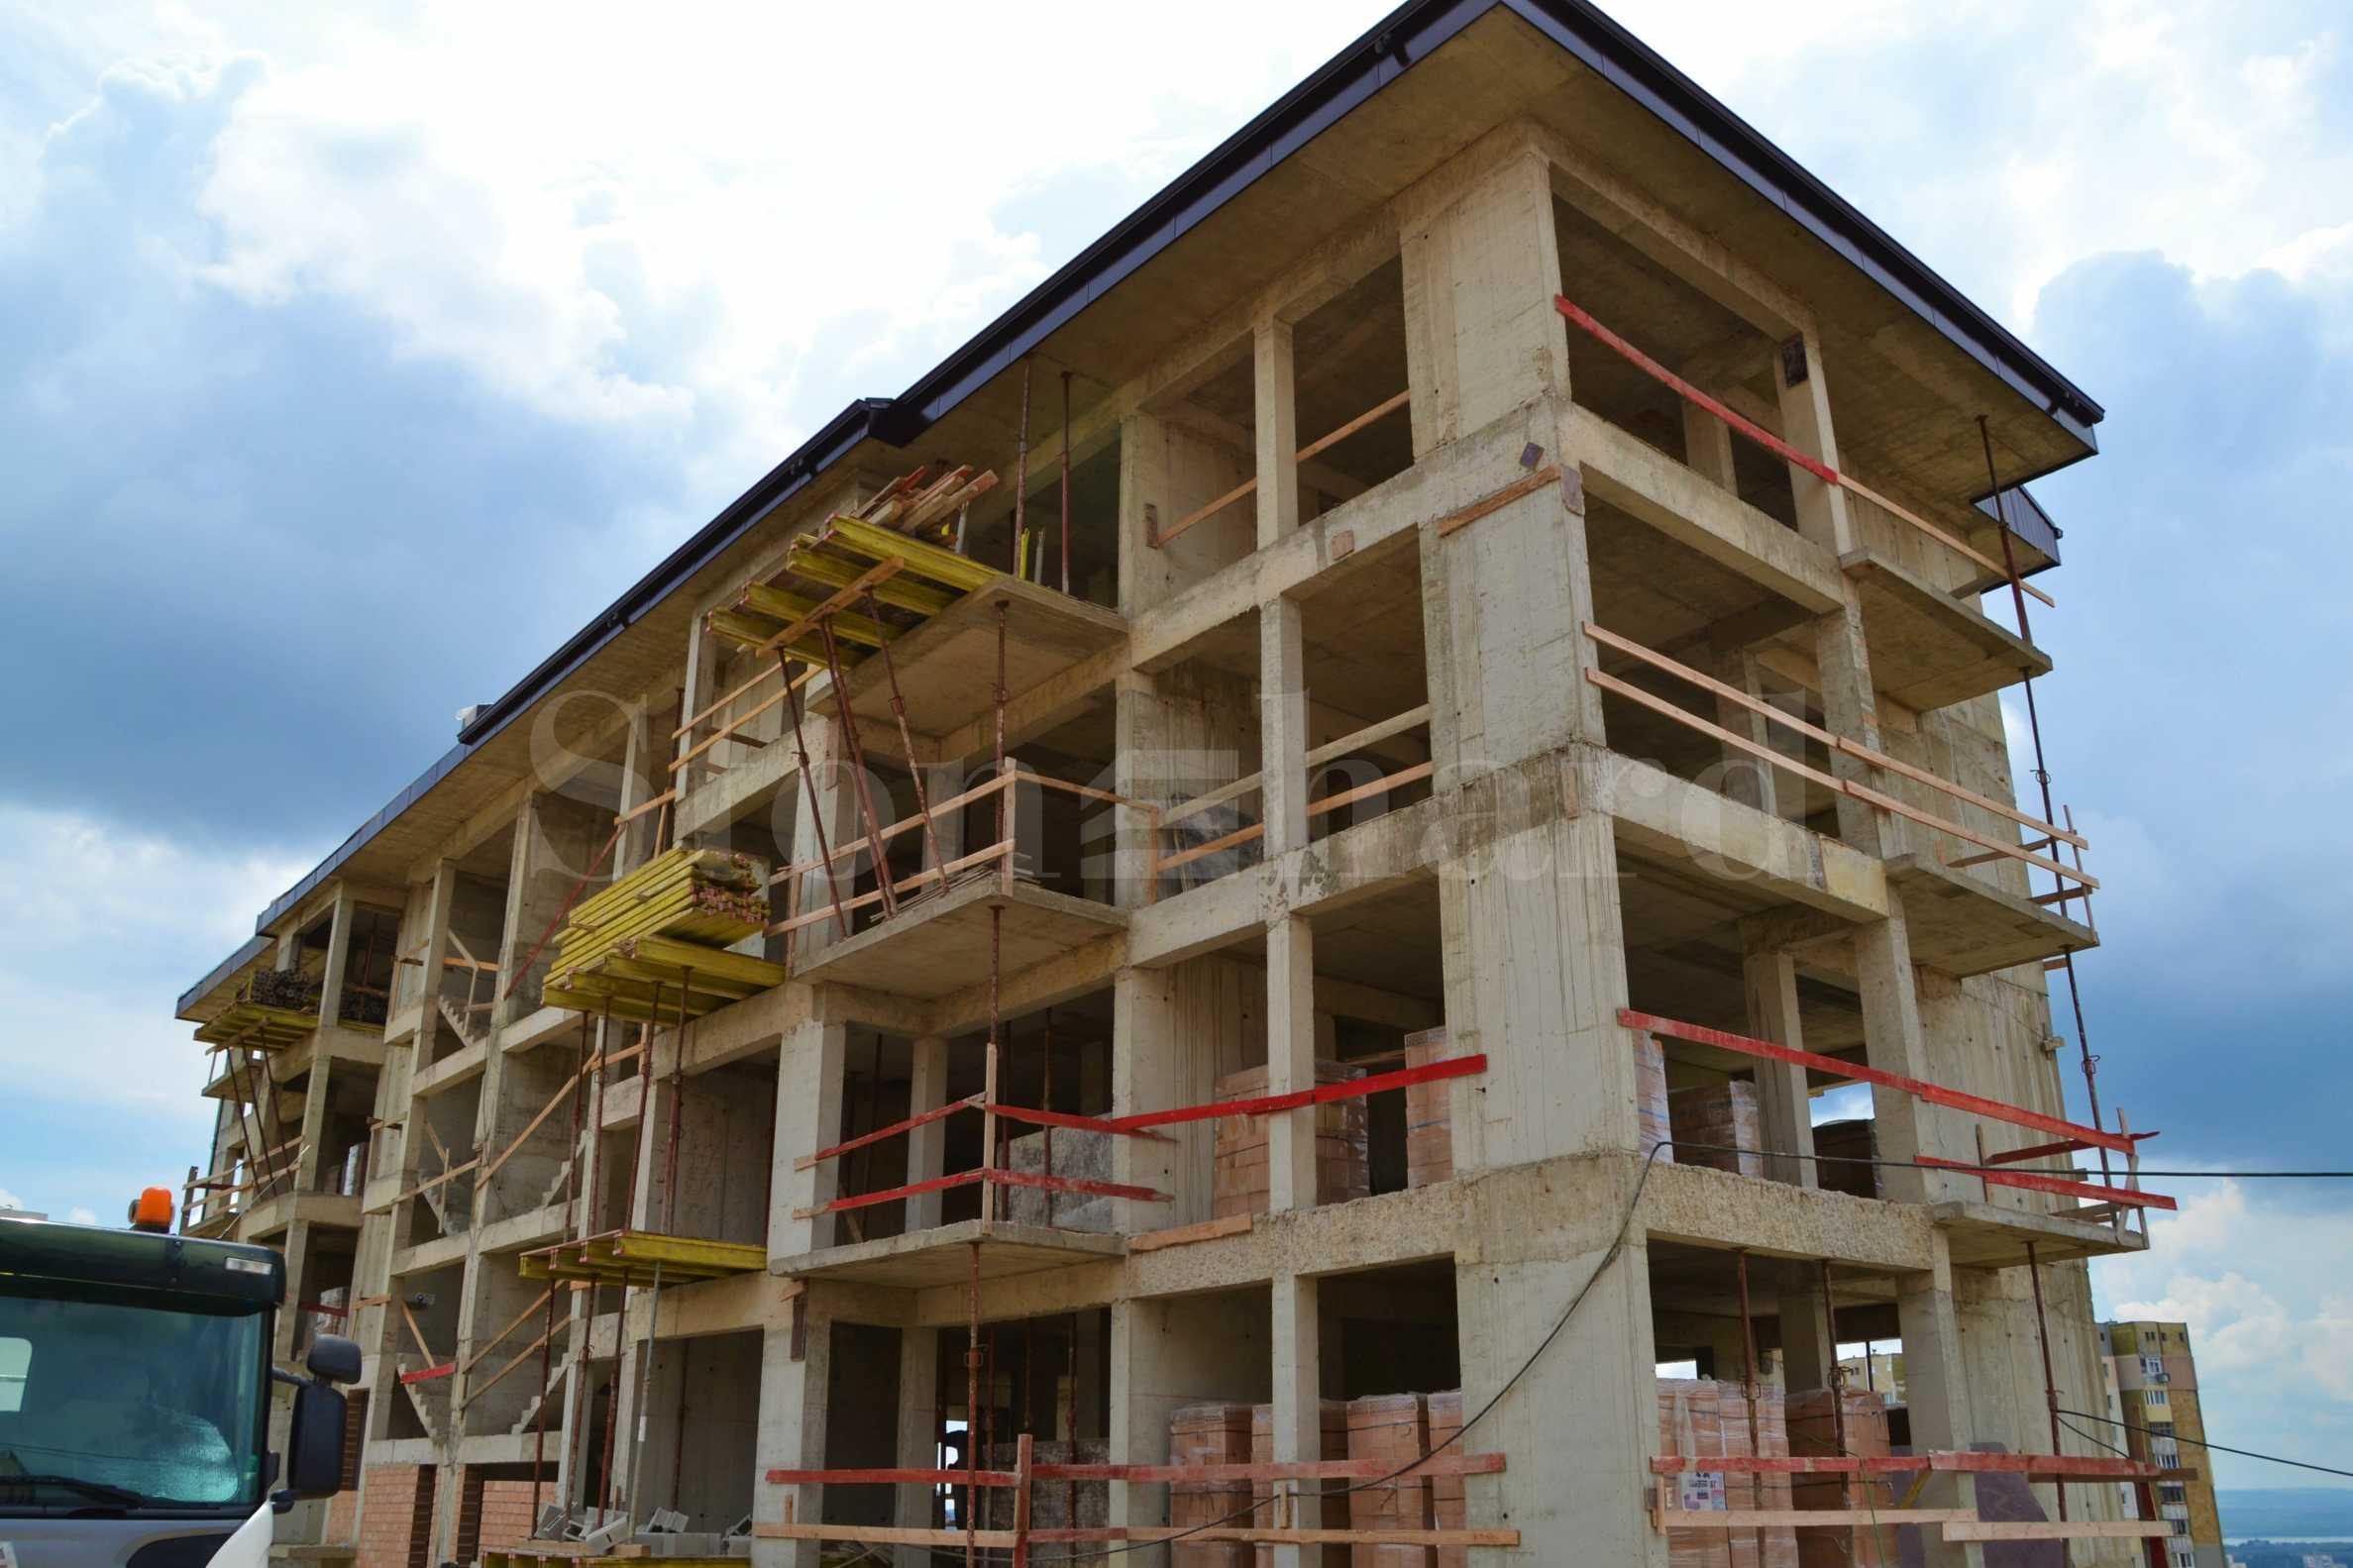 Последни едностайни и двустайни апартаменти в ж.к. Възраждане ІІІ, Варна2 - Stonehard